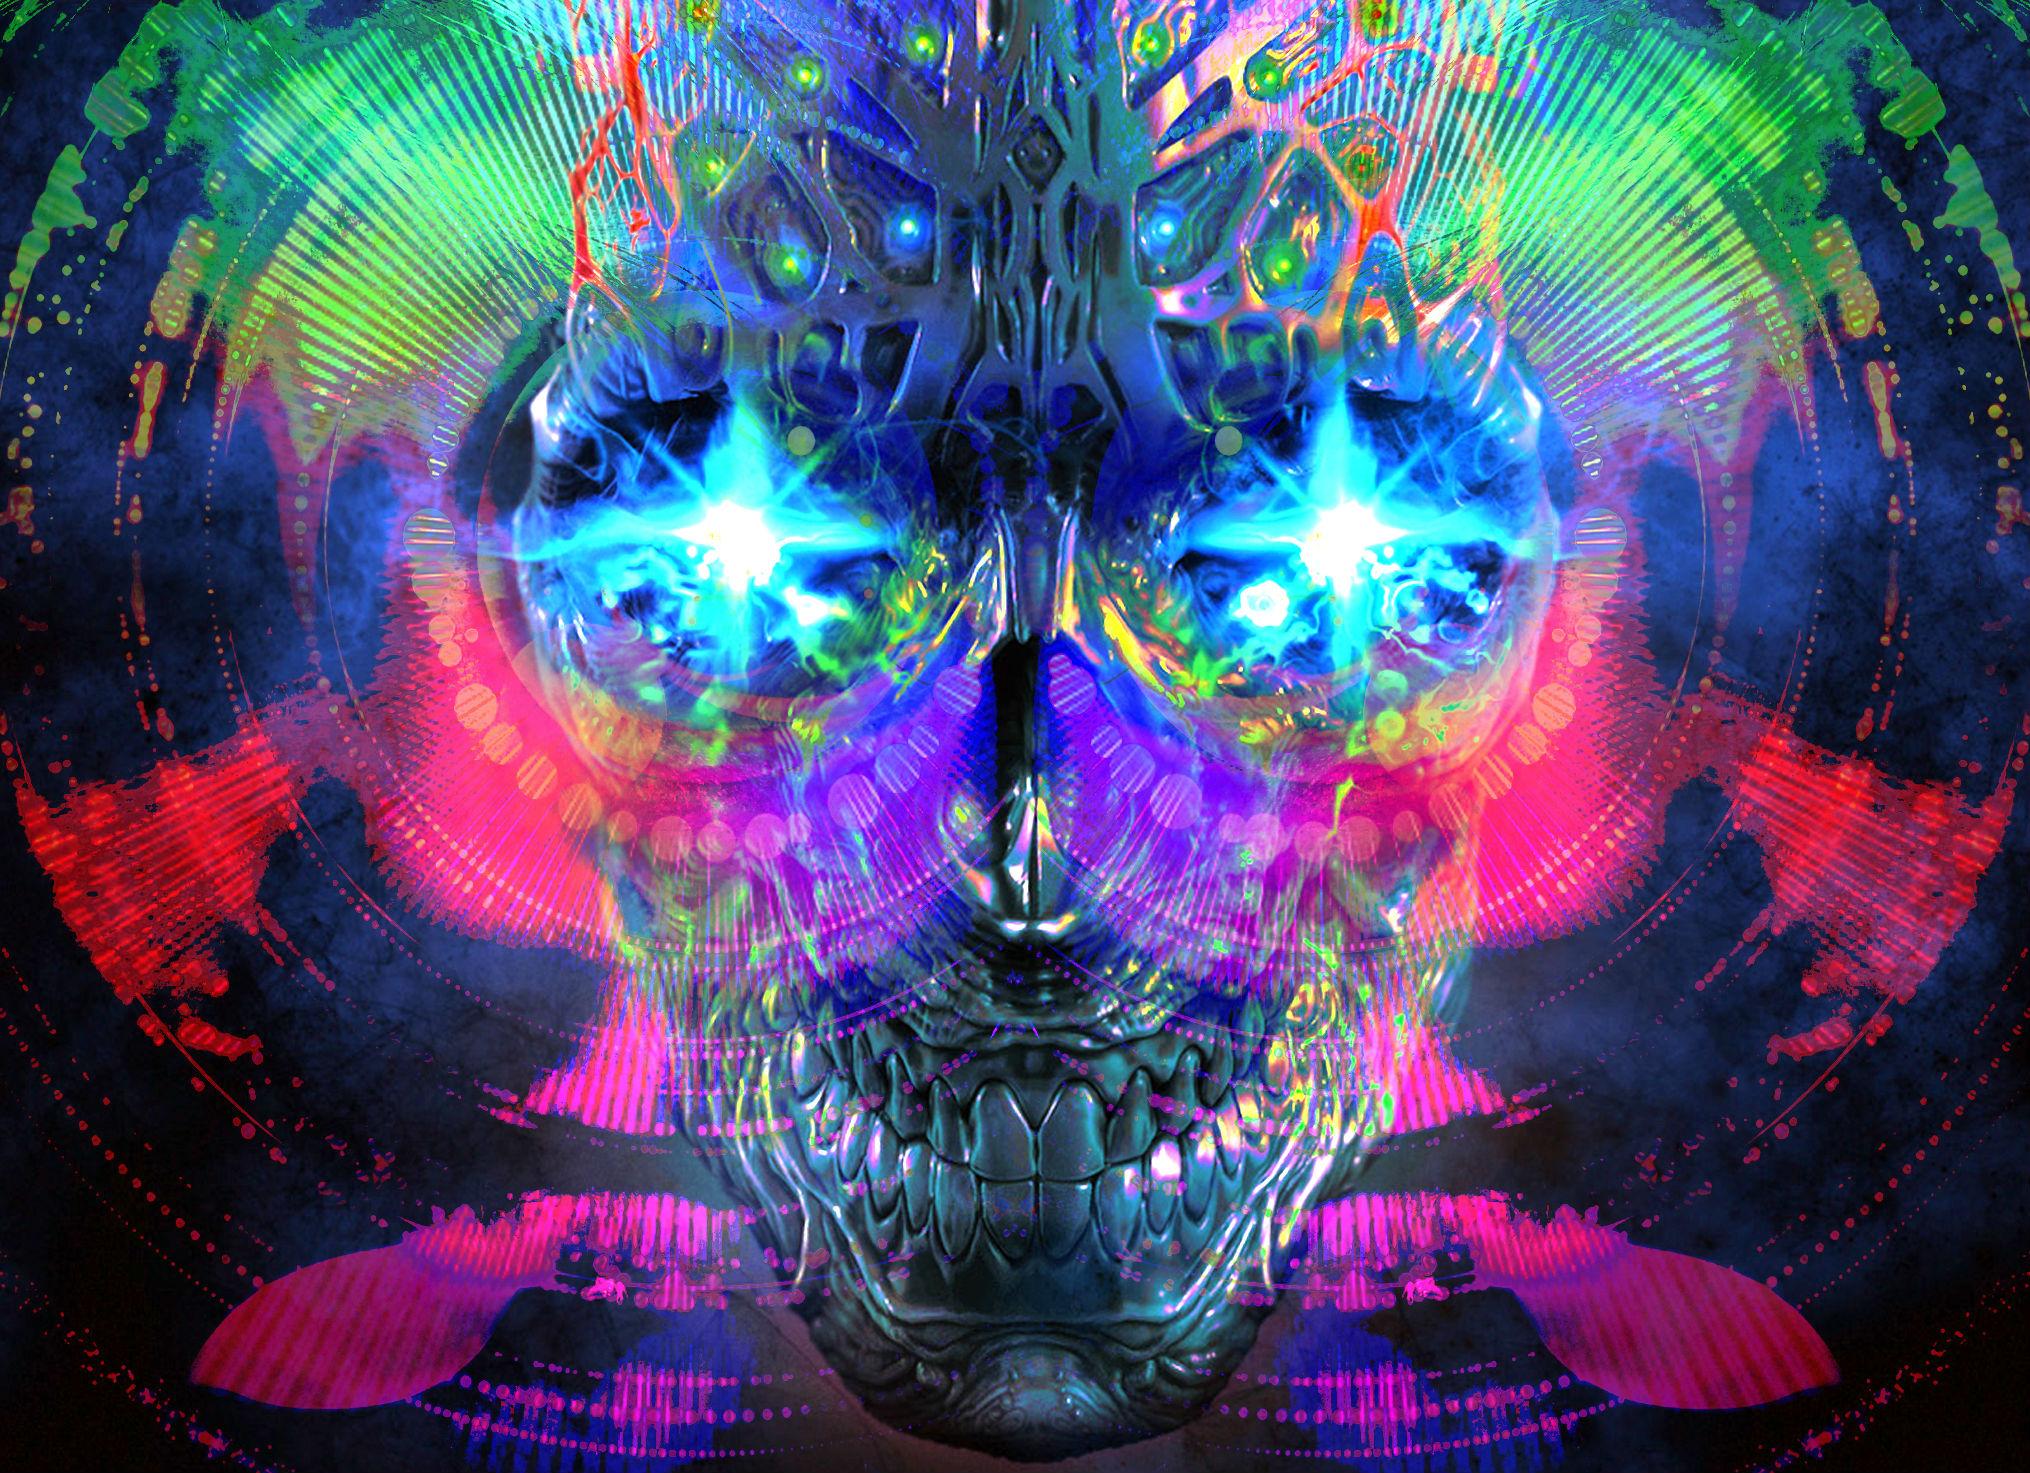 Dark Psychedelic Wallpaper Iphone